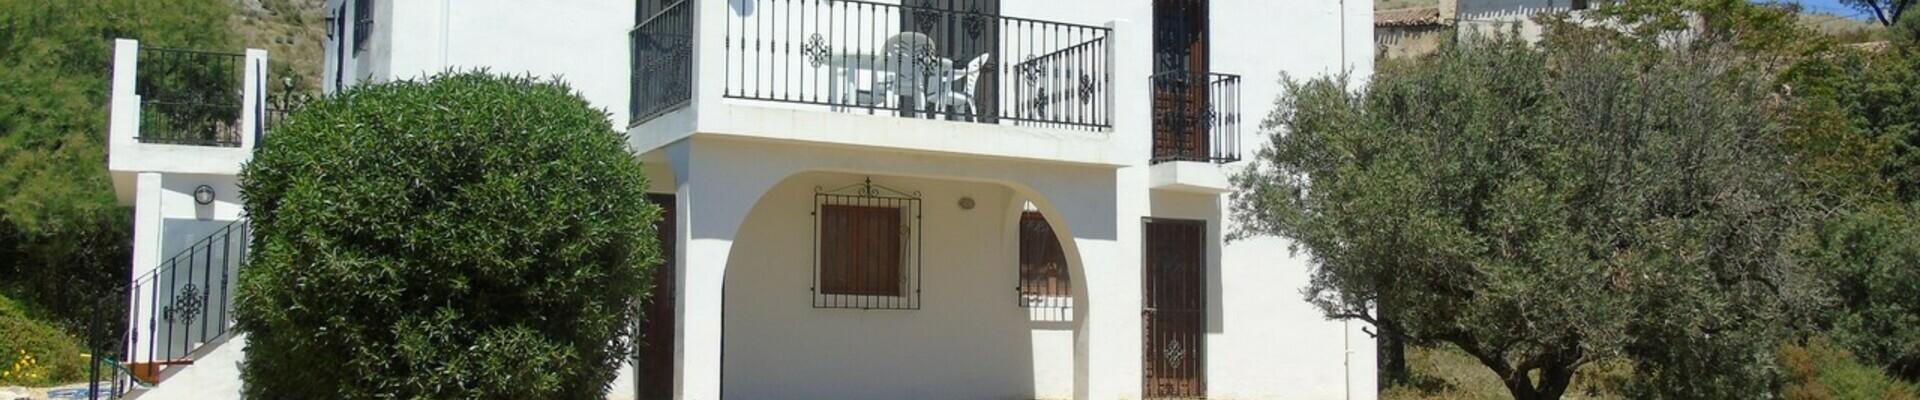 AF871: 4 Bedroom Cortijo for Sale